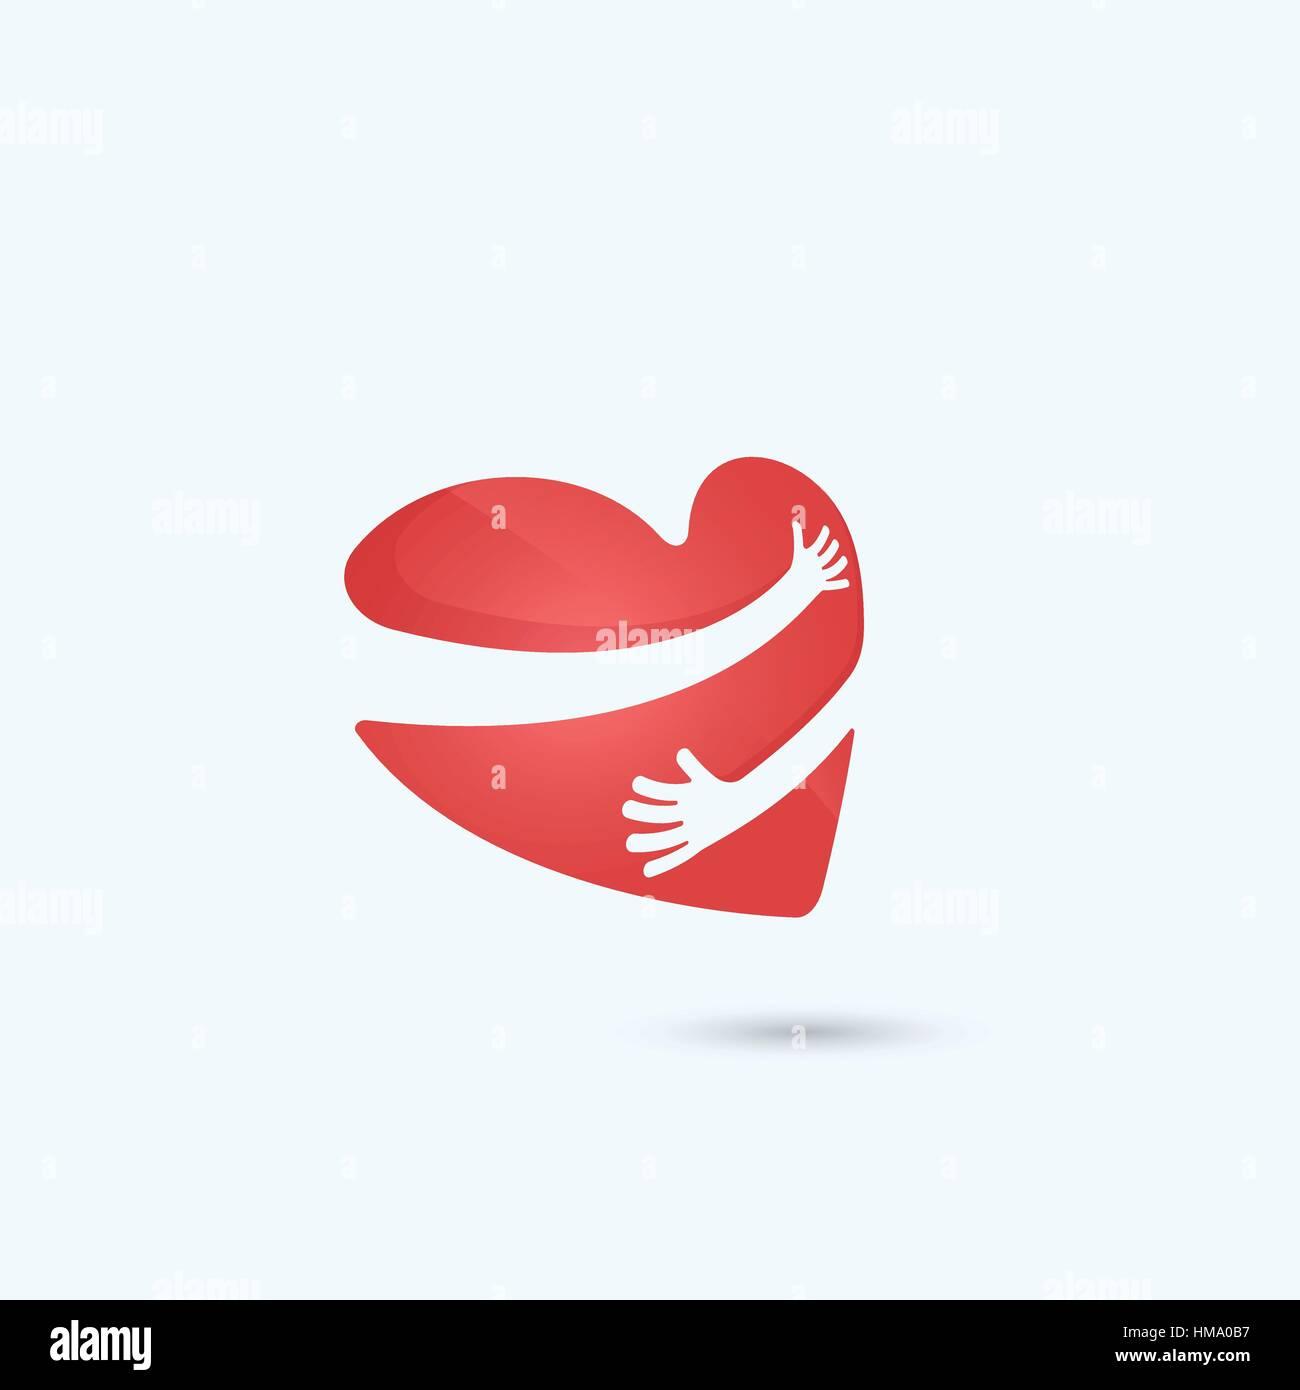 Hug yourself logolove yourself logolove and heart care icon hug yourself logolove yourself logolove and heart care iconheart shape and healthcare medical conceptctor illustration buycottarizona